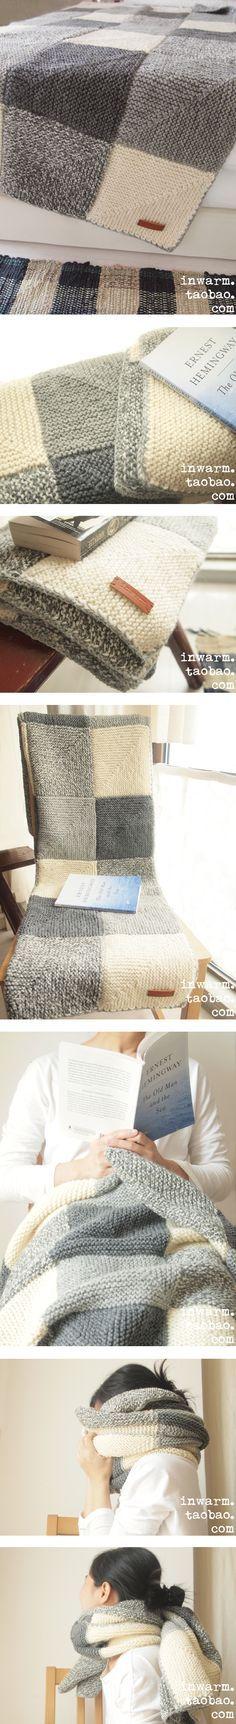 Couverture - pourquoi avec des restes de laine ?